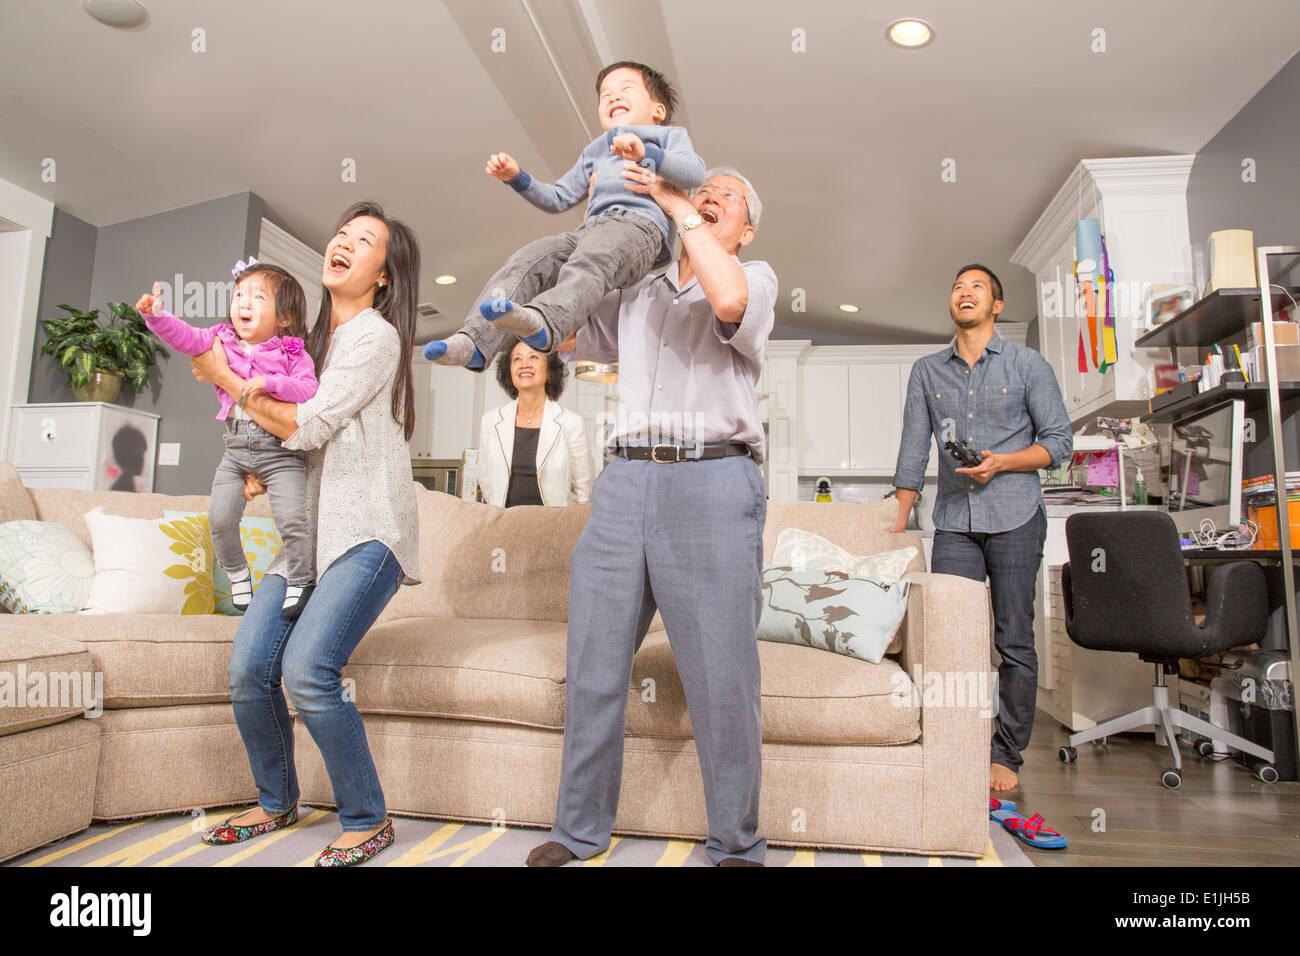 Tres generaciones familia divirtiéndose en salón. Imagen De Stock